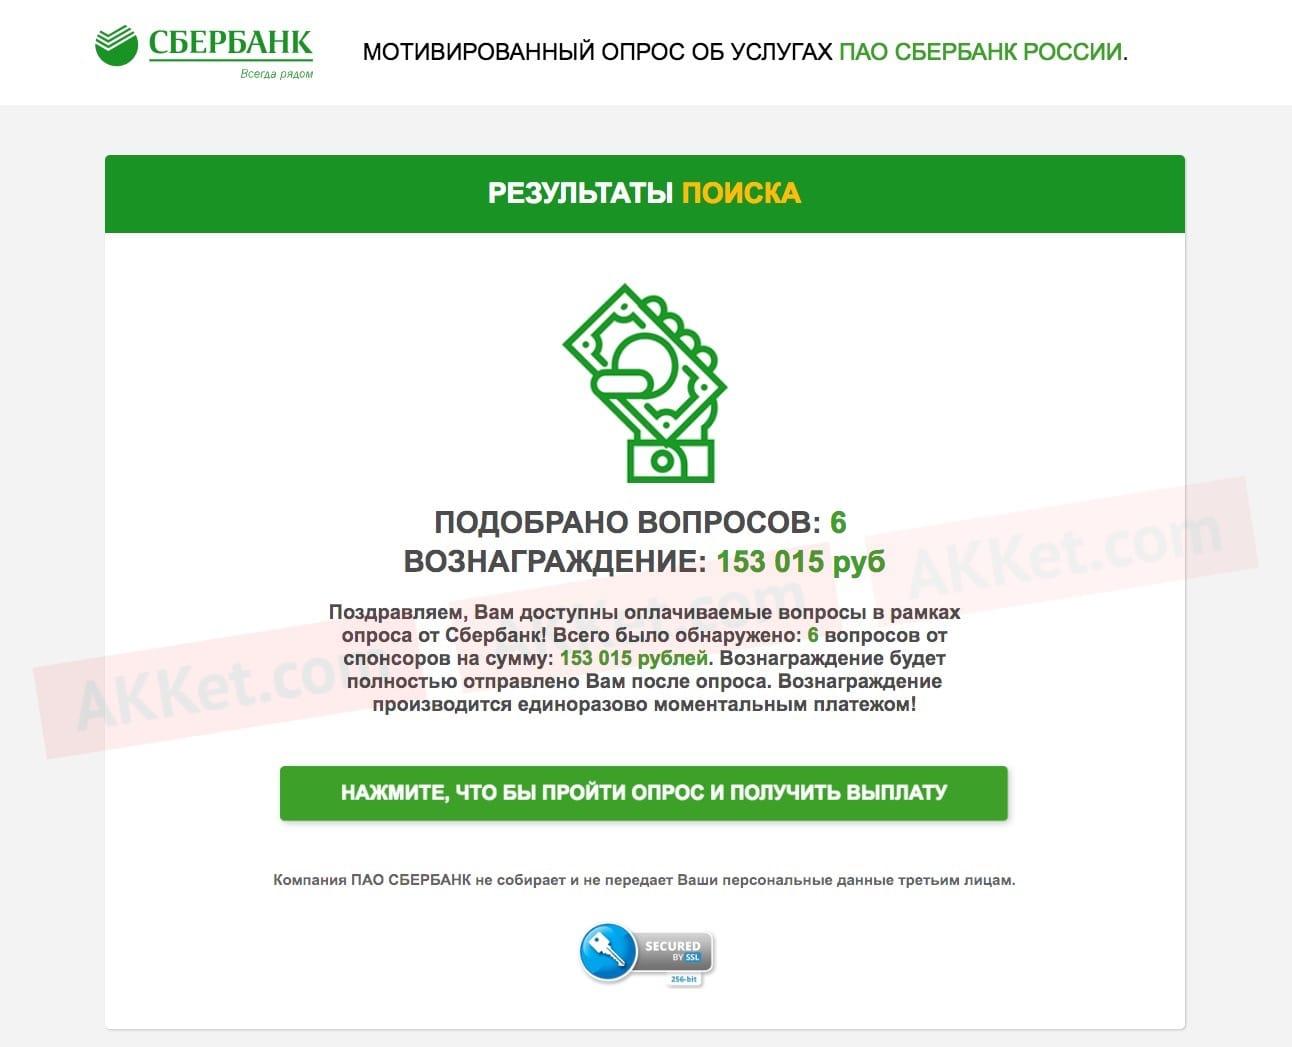 Взять кредит 600000 рублей в сбербанке